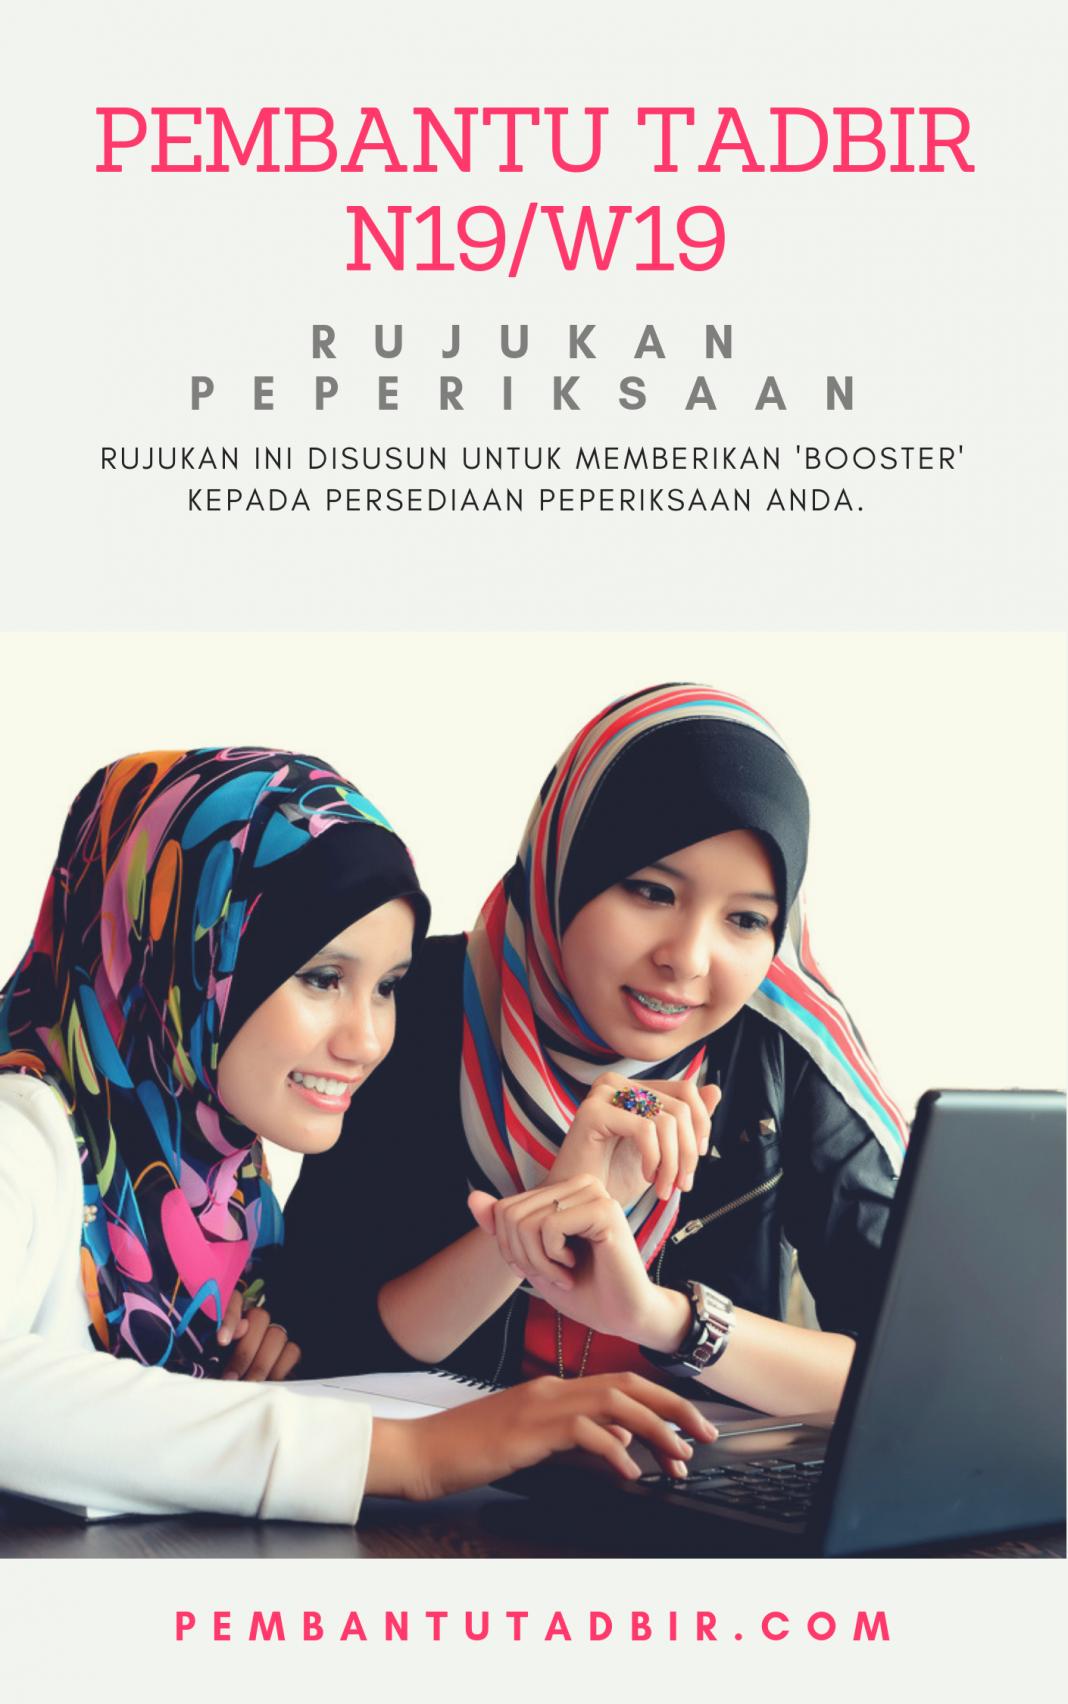 Contoh Soalan Pembantu Tadbir N19 JPA/SPA - Contoh Soalan ...